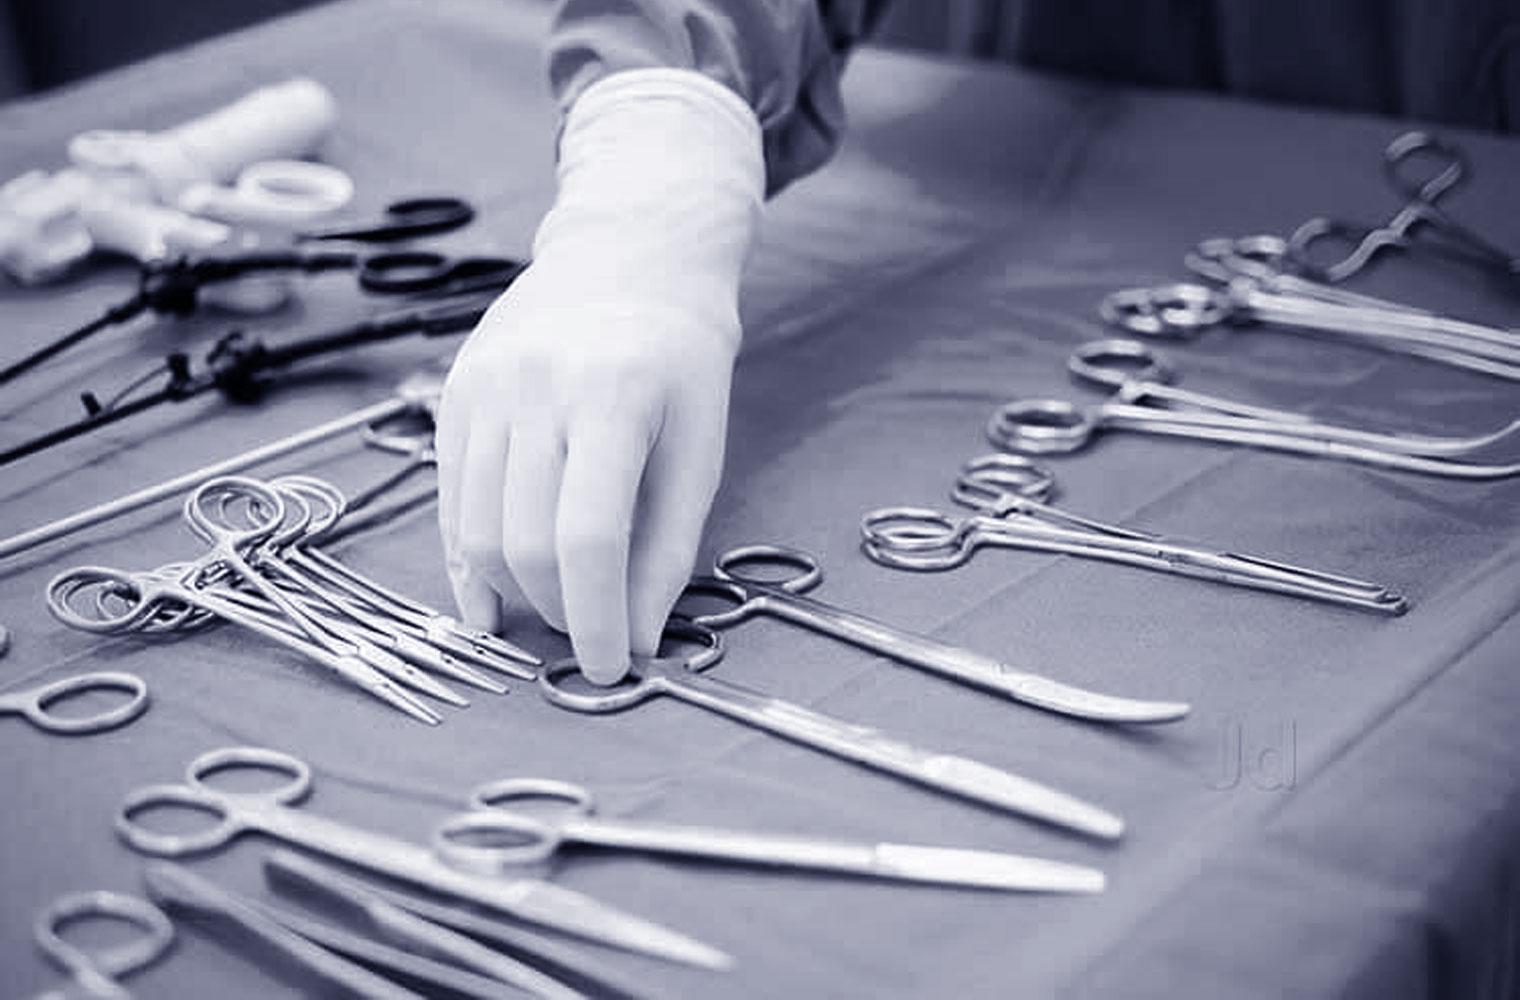 جراحی کودکان اینترسکس